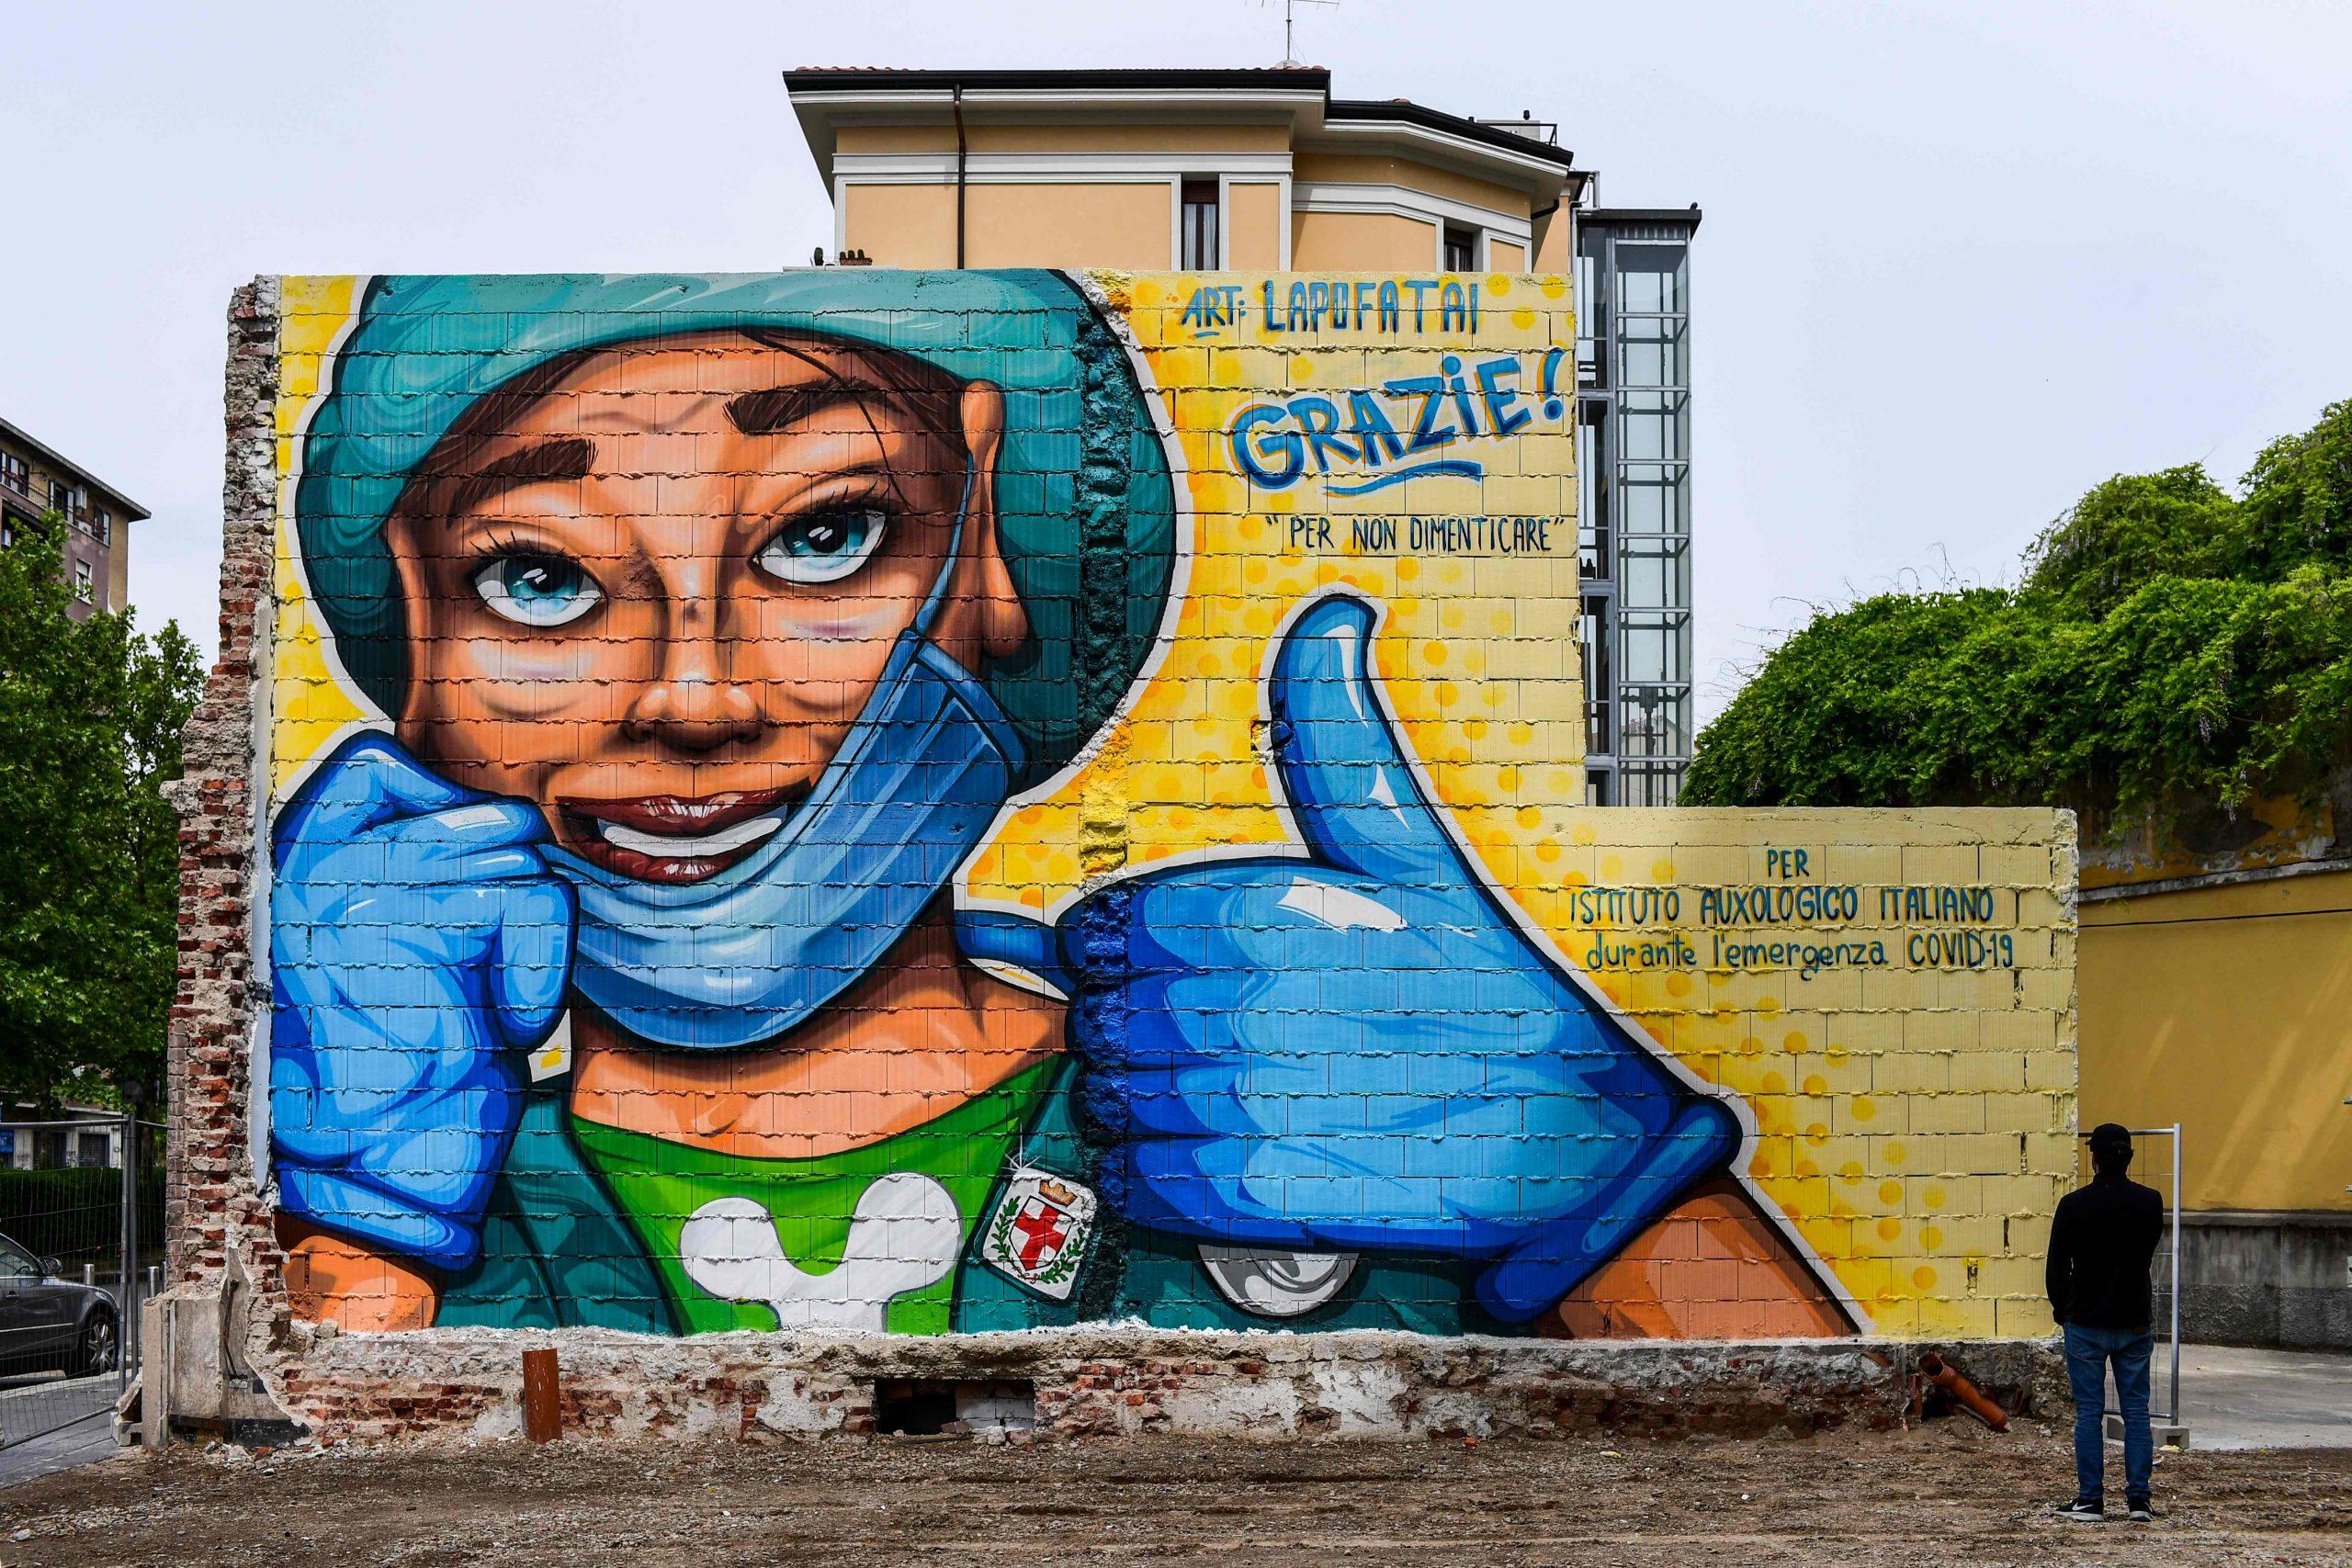 جدارية عملاقة في ميلانو تكريما للطواقم الطبية - ا ف ب